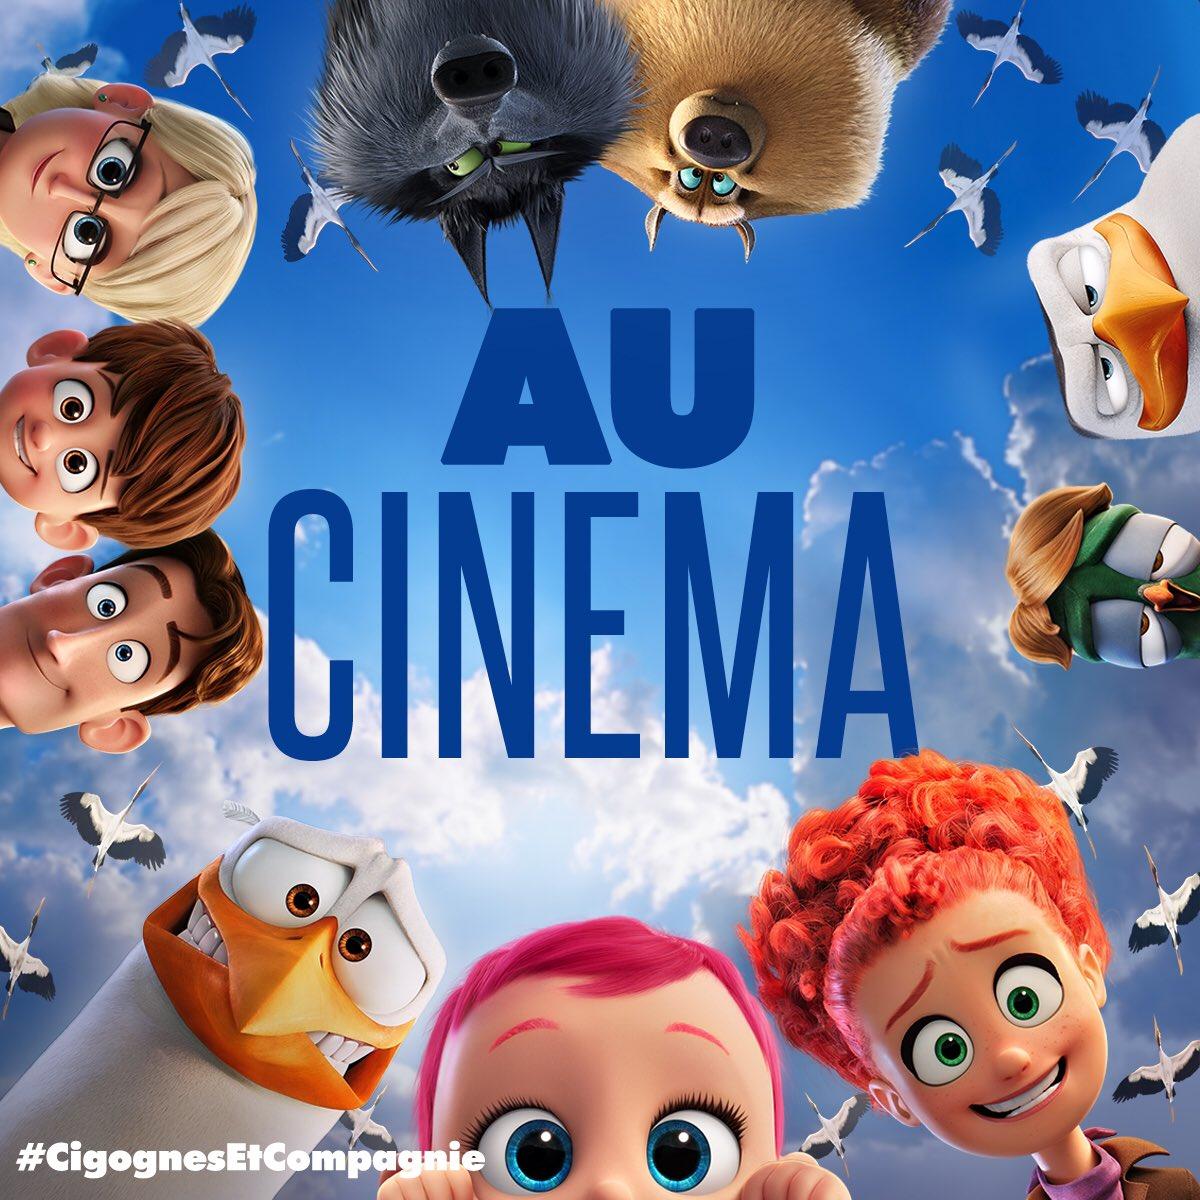 Grand ecran centre gecentre ville twitter - Cinema grand ecran limoges ...